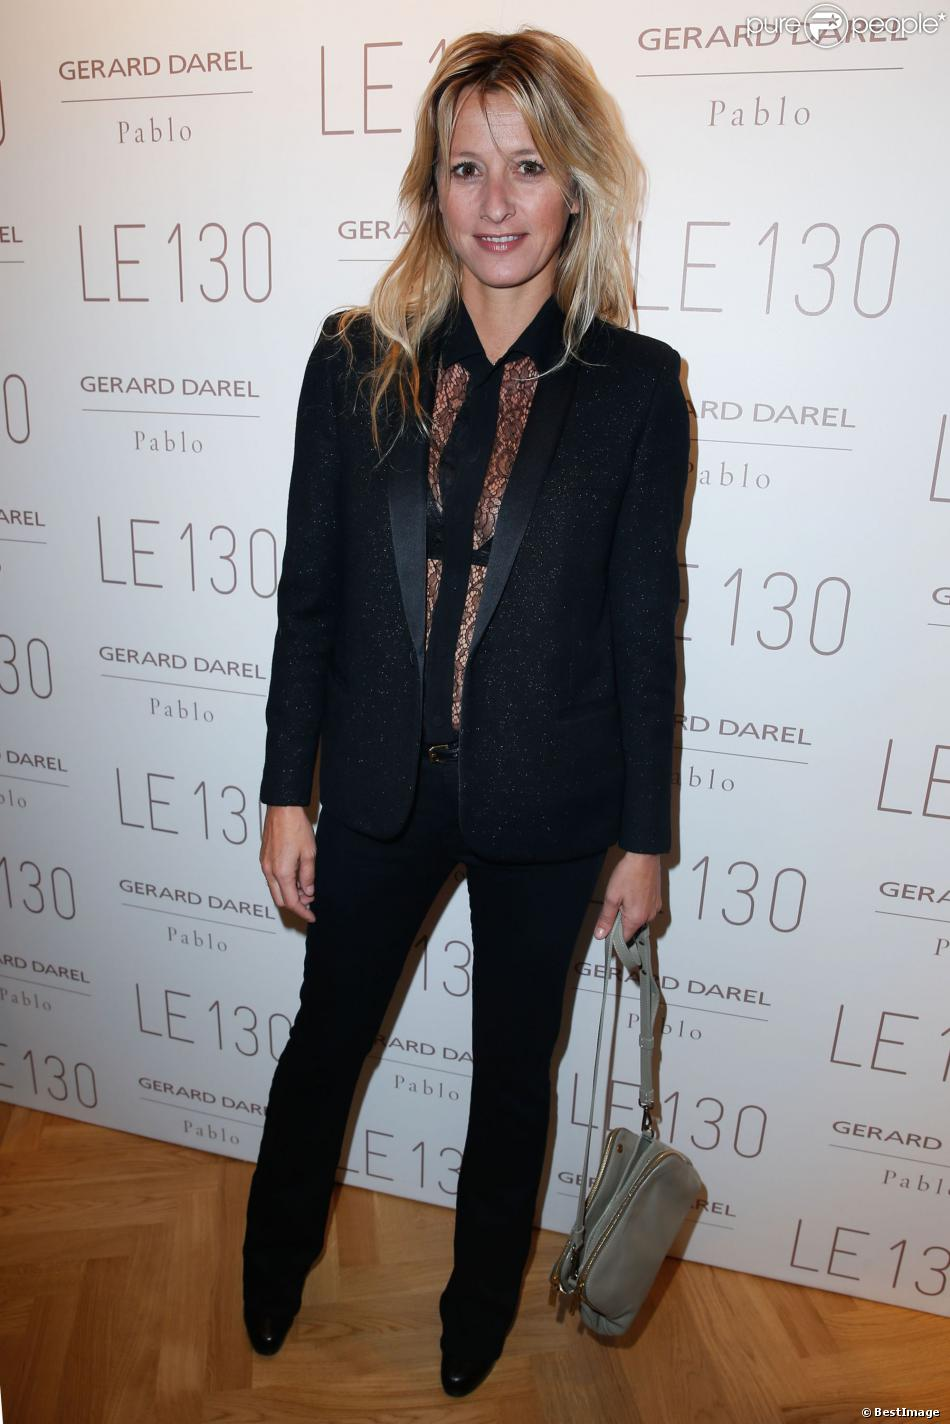 Sarah lavoine lors de l 39 inauguration de la nouvelle boutique gerard darel - Sarah lavoine boutique ...